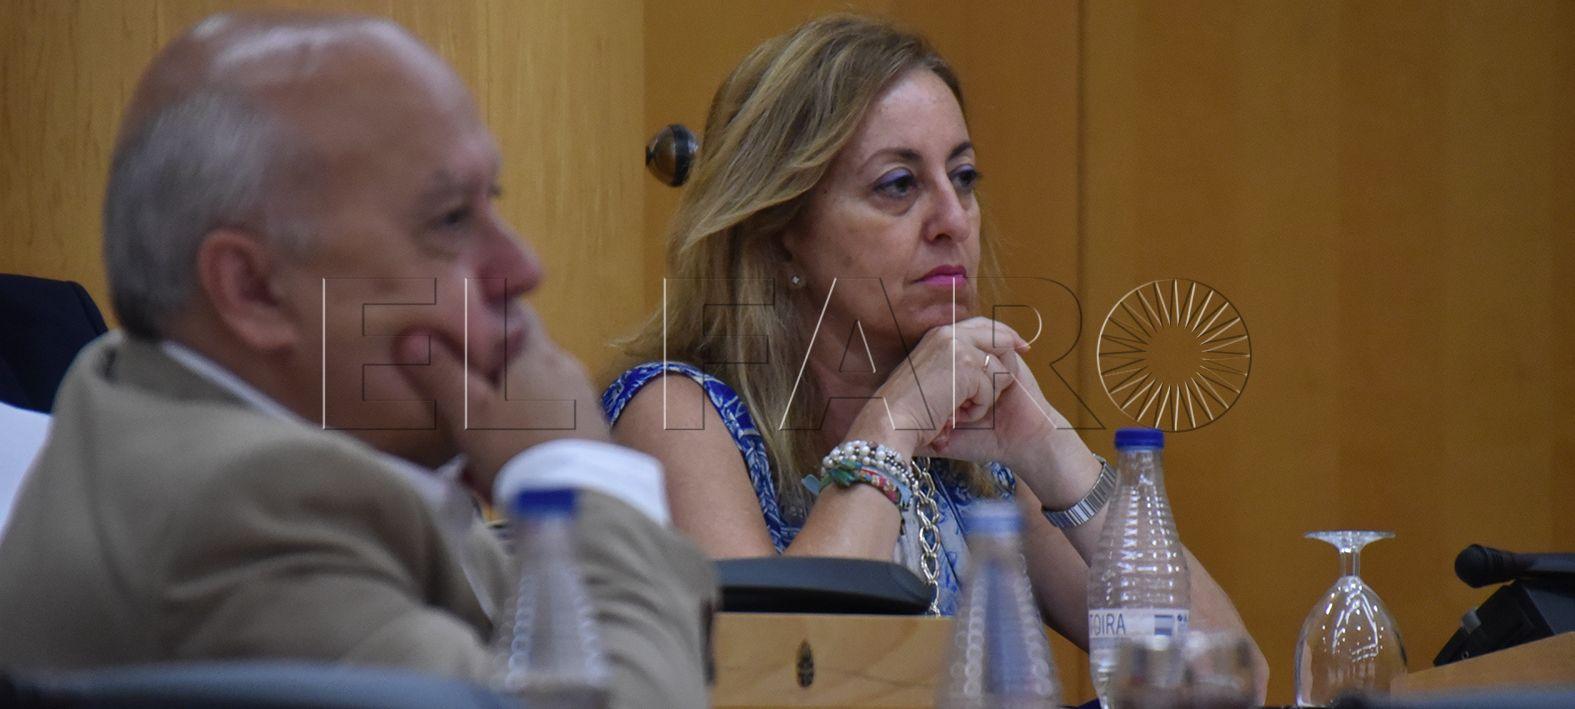 La Ciudad convocará en 2018 ayudas por hasta 20.000 euros para enfermos celíacos